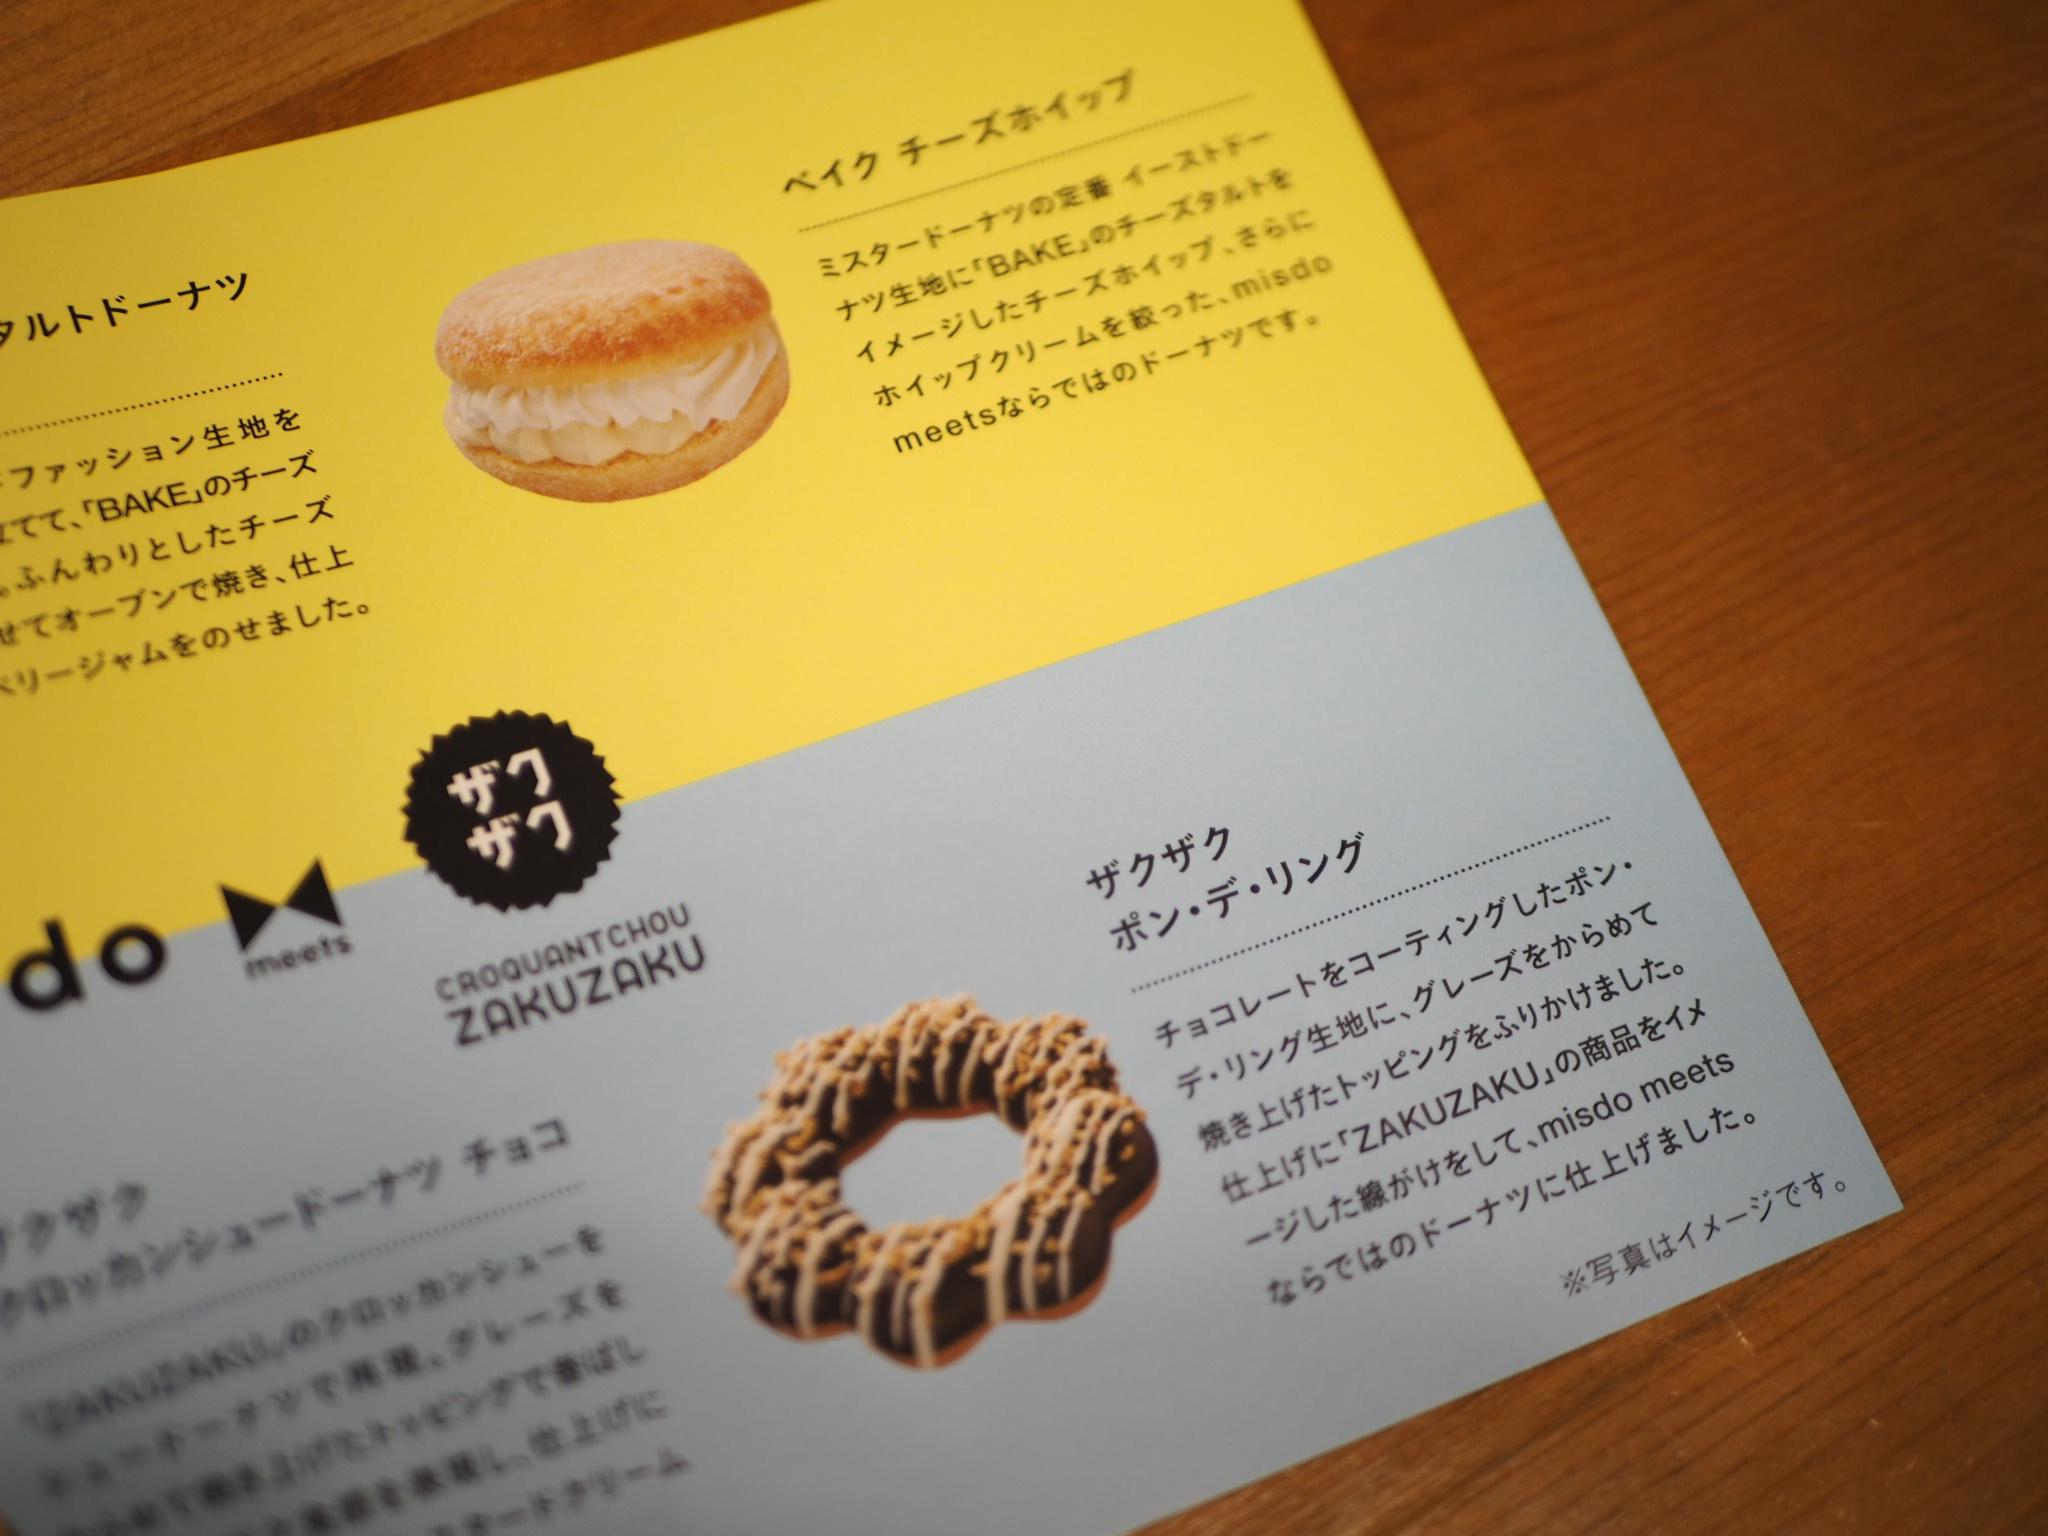 【ミスタードーナツ新作】間違いない神コラボ!「misdo meets BAKE & ZAKUZAKU」✌︎♡⋈_9